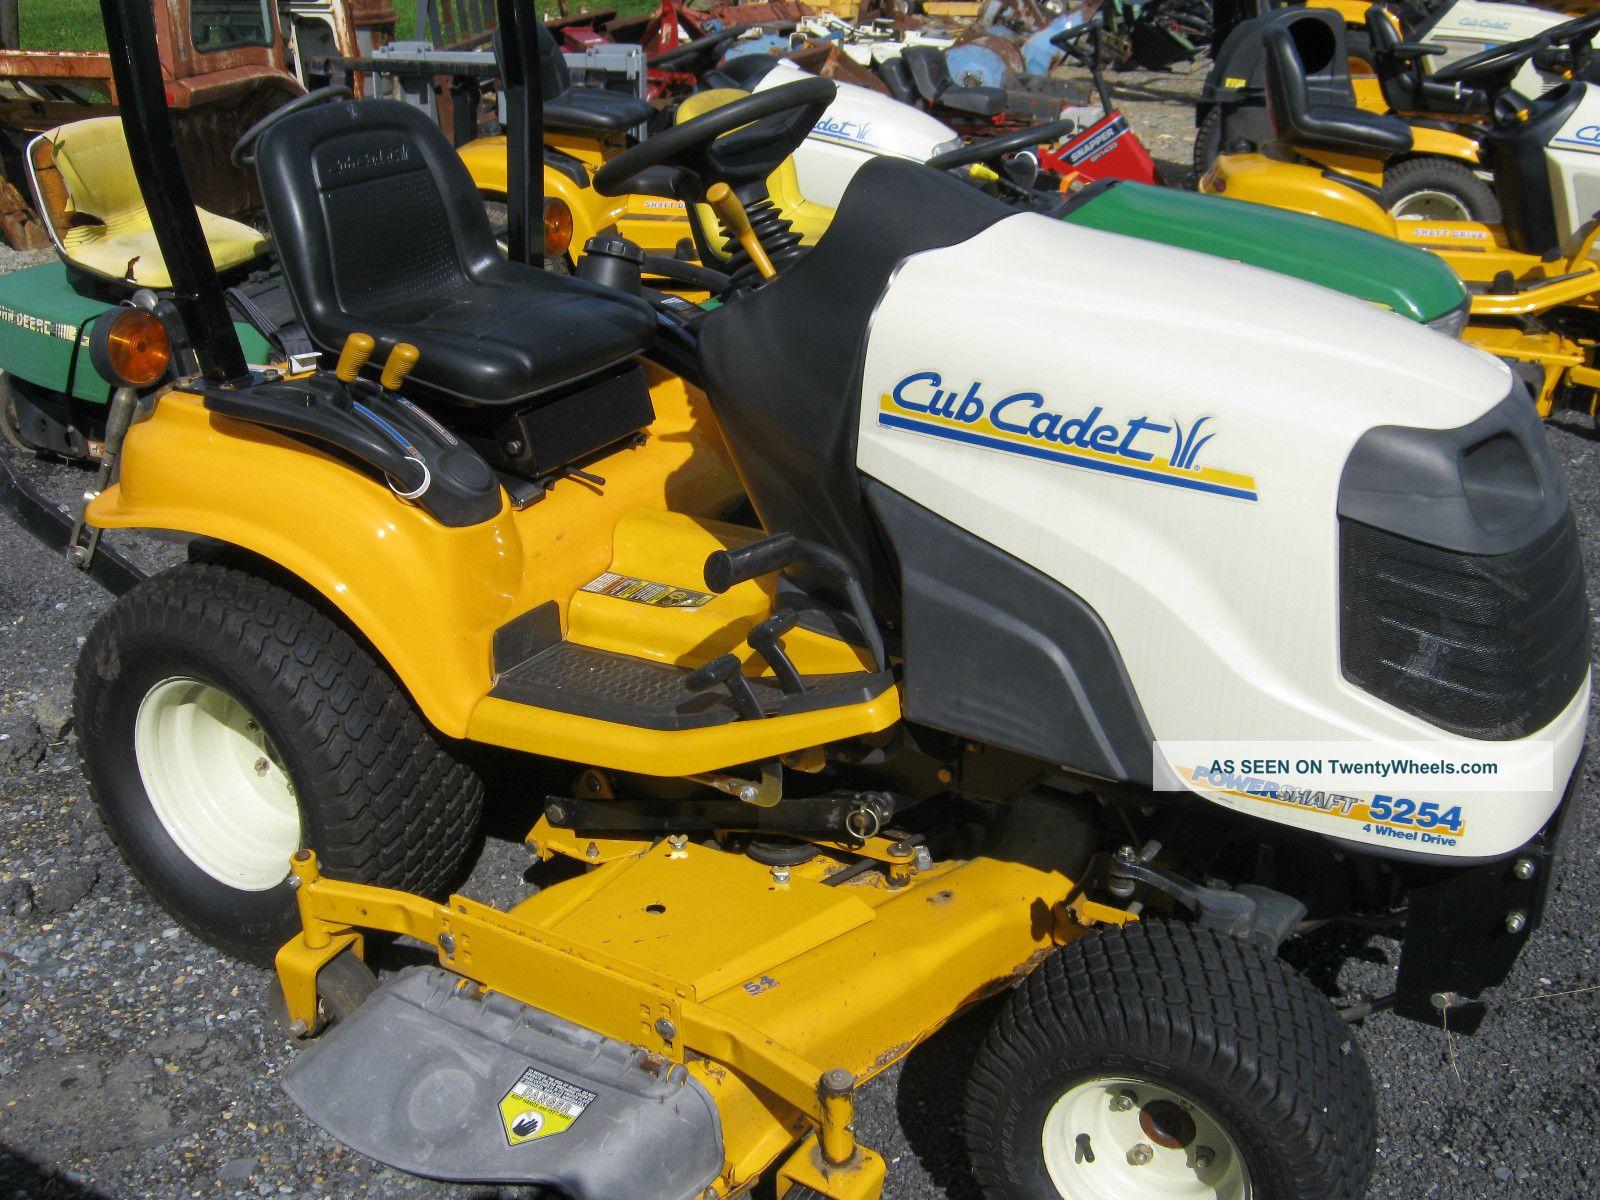 4x4 Cub Cadet Garden Tractors : Cub cadet utilitytractor